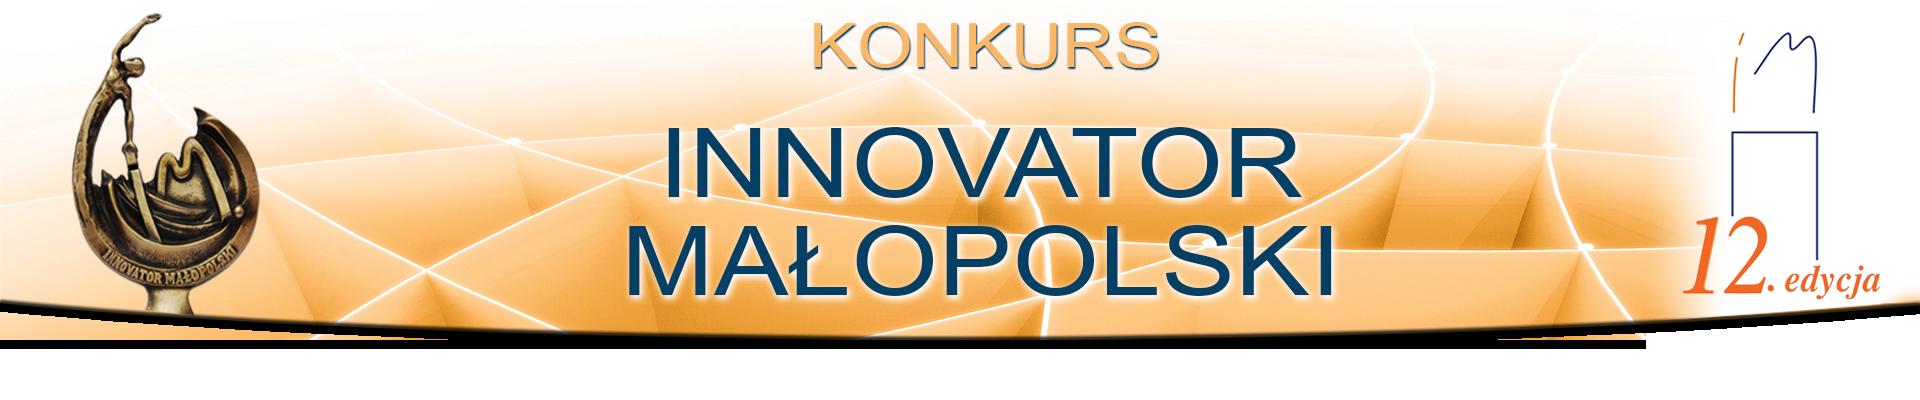 Innovator Małopolski 2018